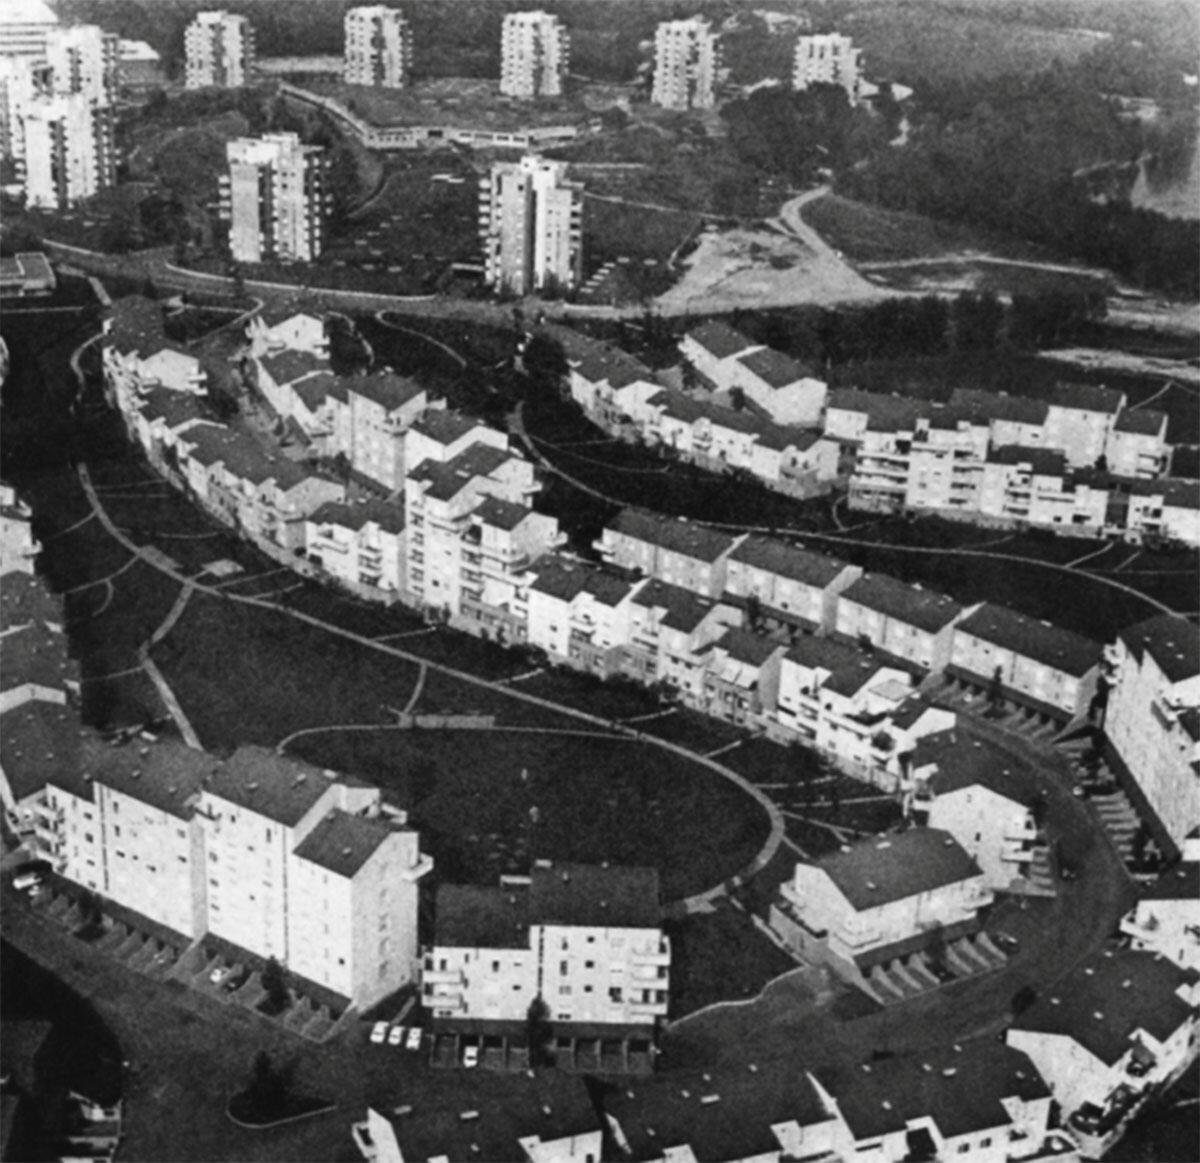 Die Luftaufnahme von Caccia Dominionis Siedlung San Felice gibt Aufschluss über die Vielfalt der Wohntypen und die klare Ordnung der Räume.